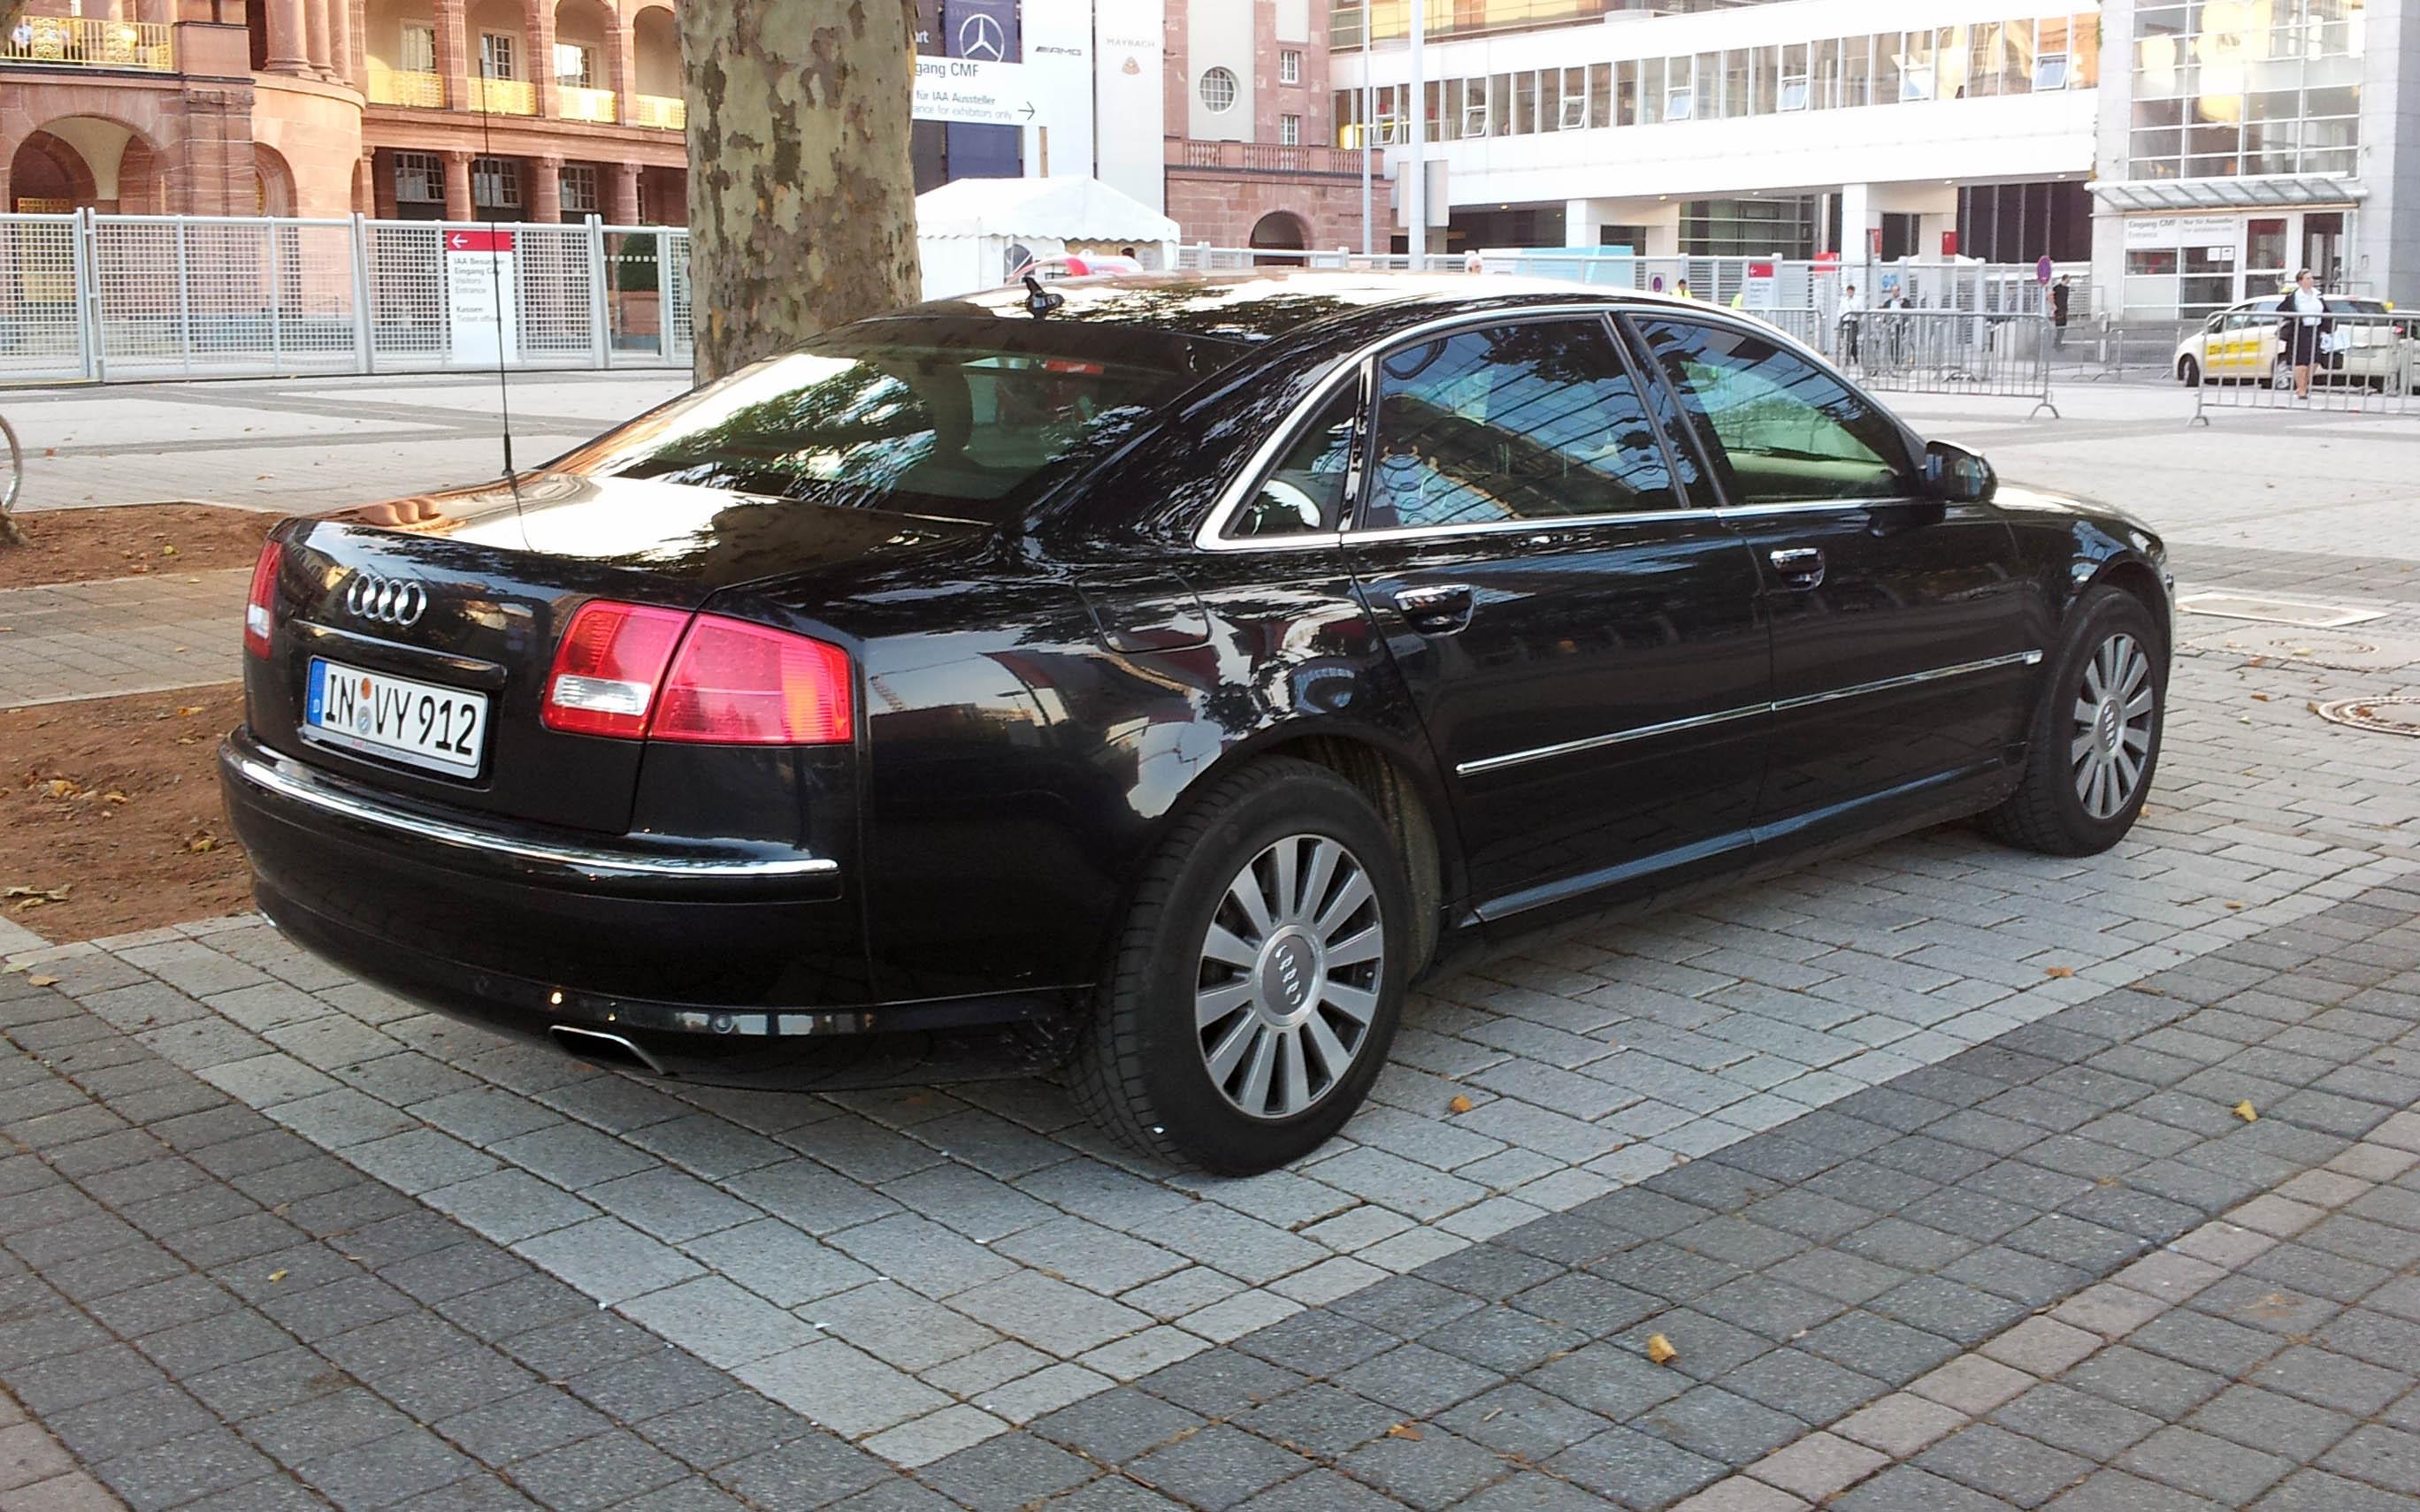 File:Black Audi A8 L W12 Security (D3-2) rr IAA 2011.jpg ...